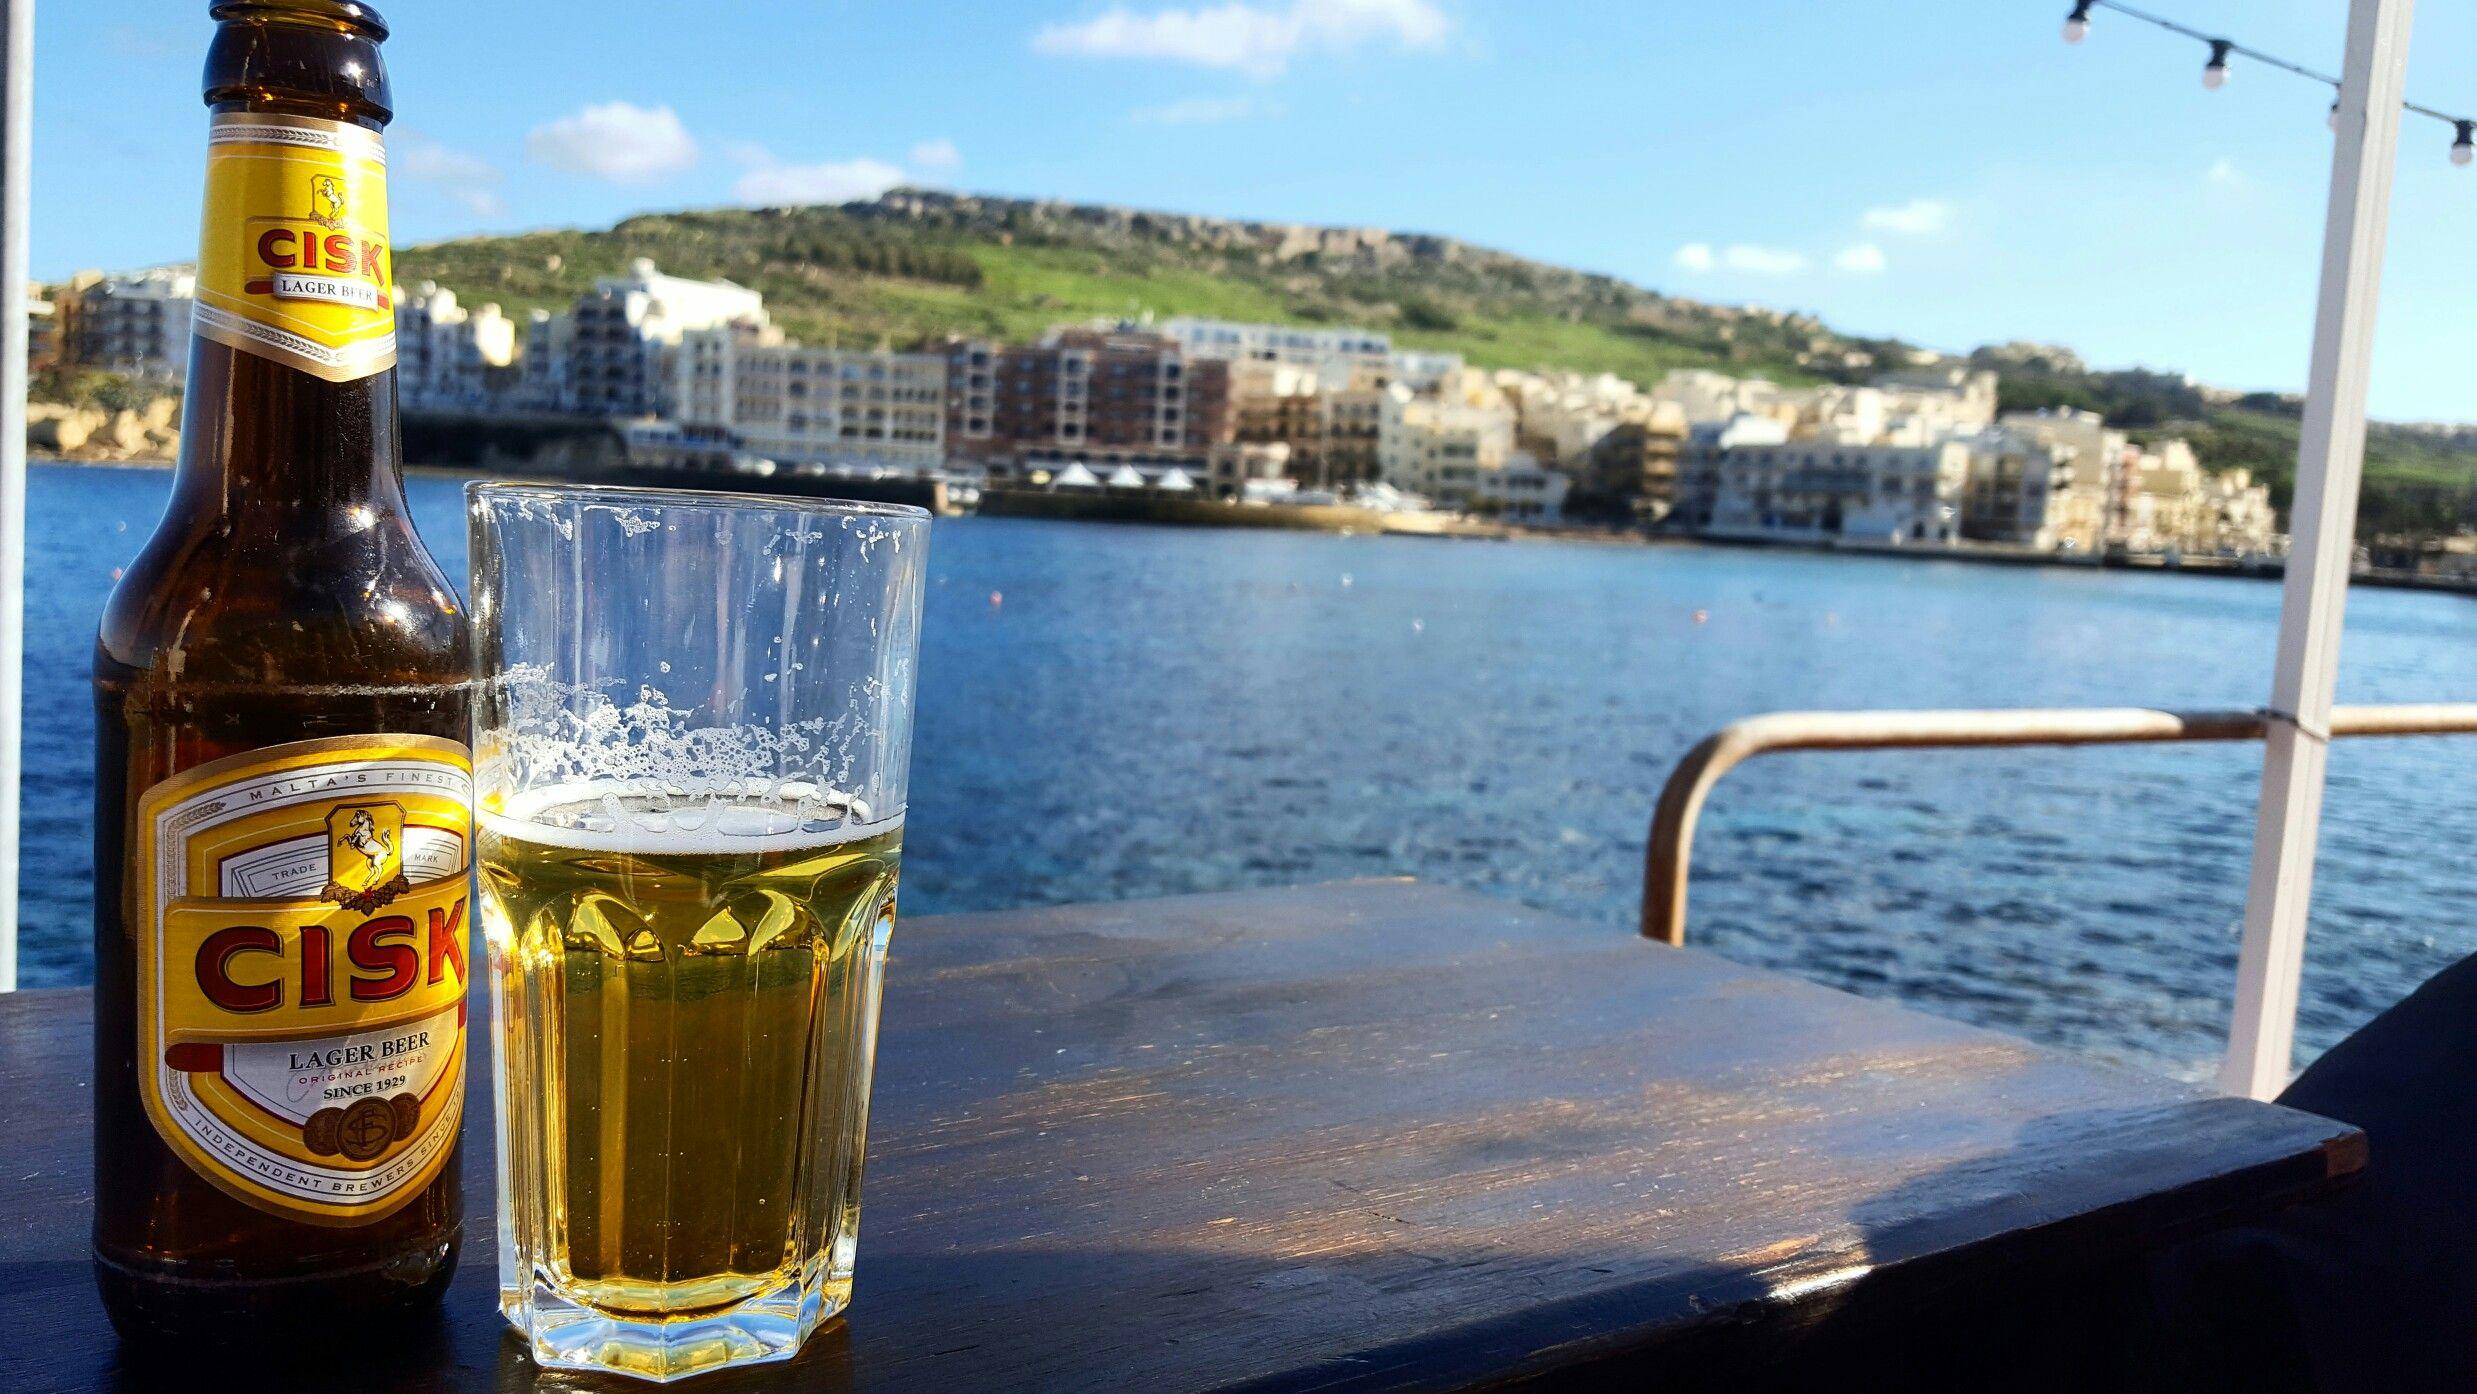 Marsalforn Gozo #cisk #beer